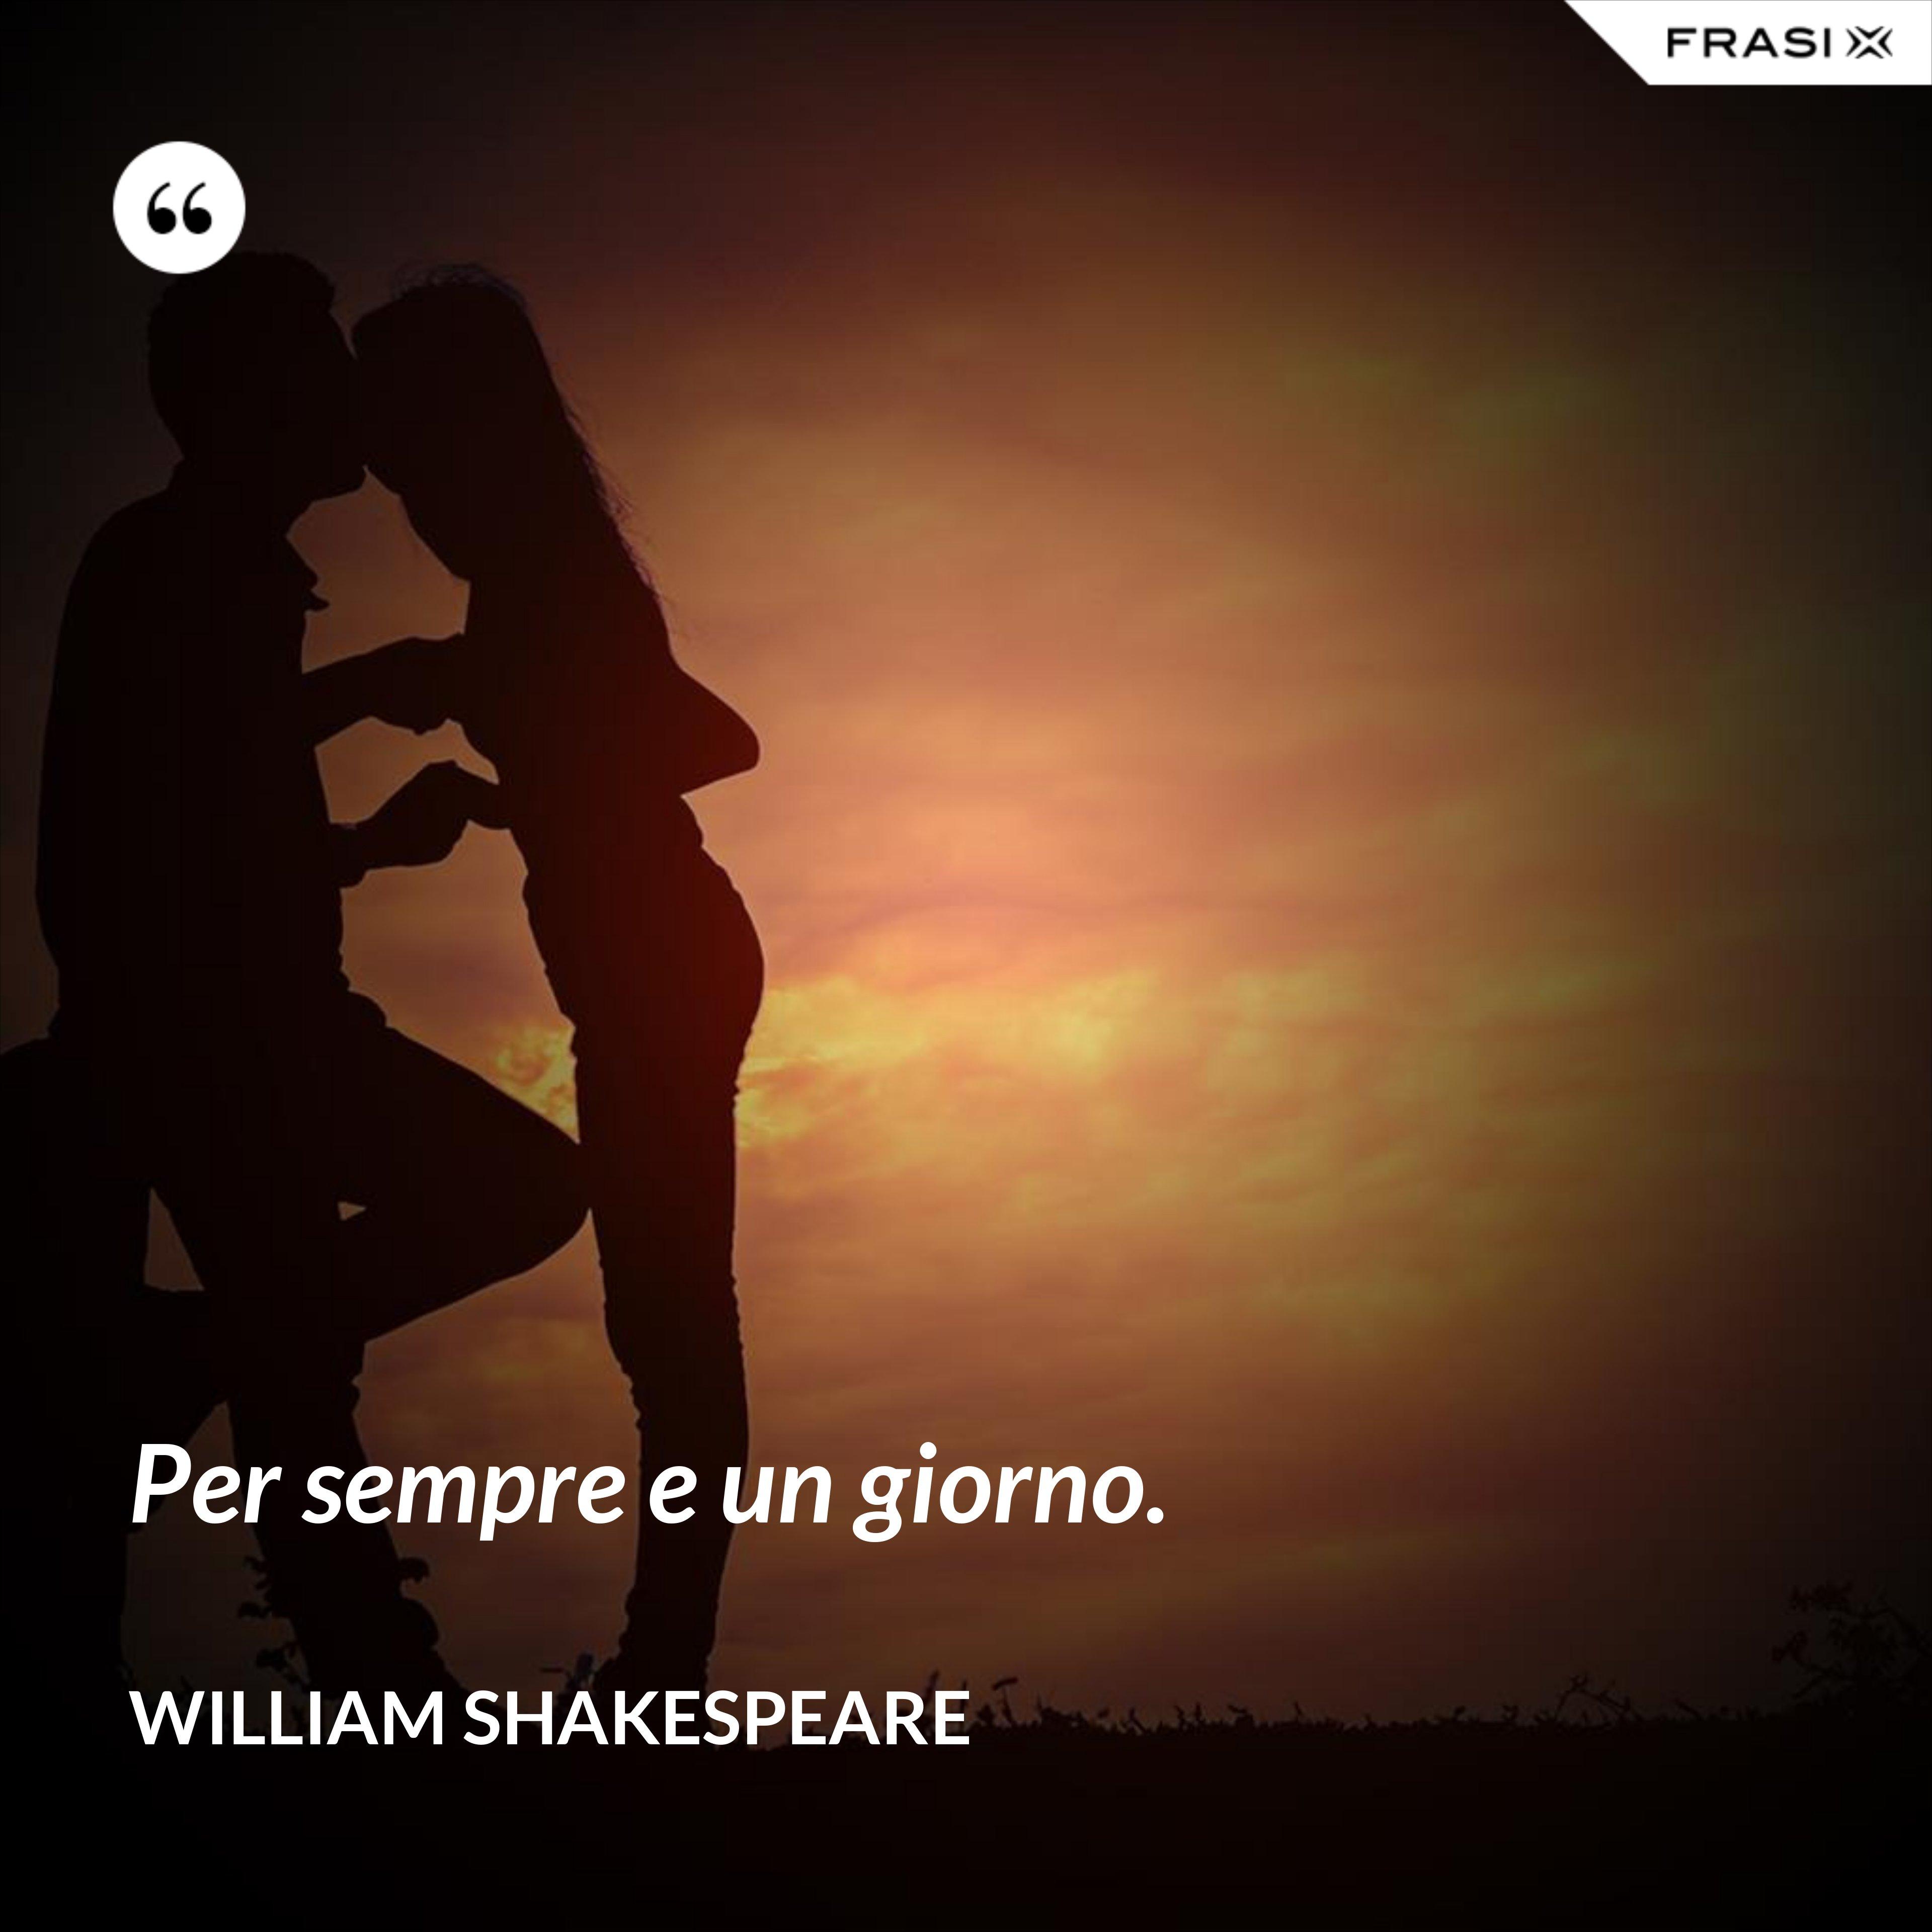 Per sempre e un giorno. - William Shakespeare